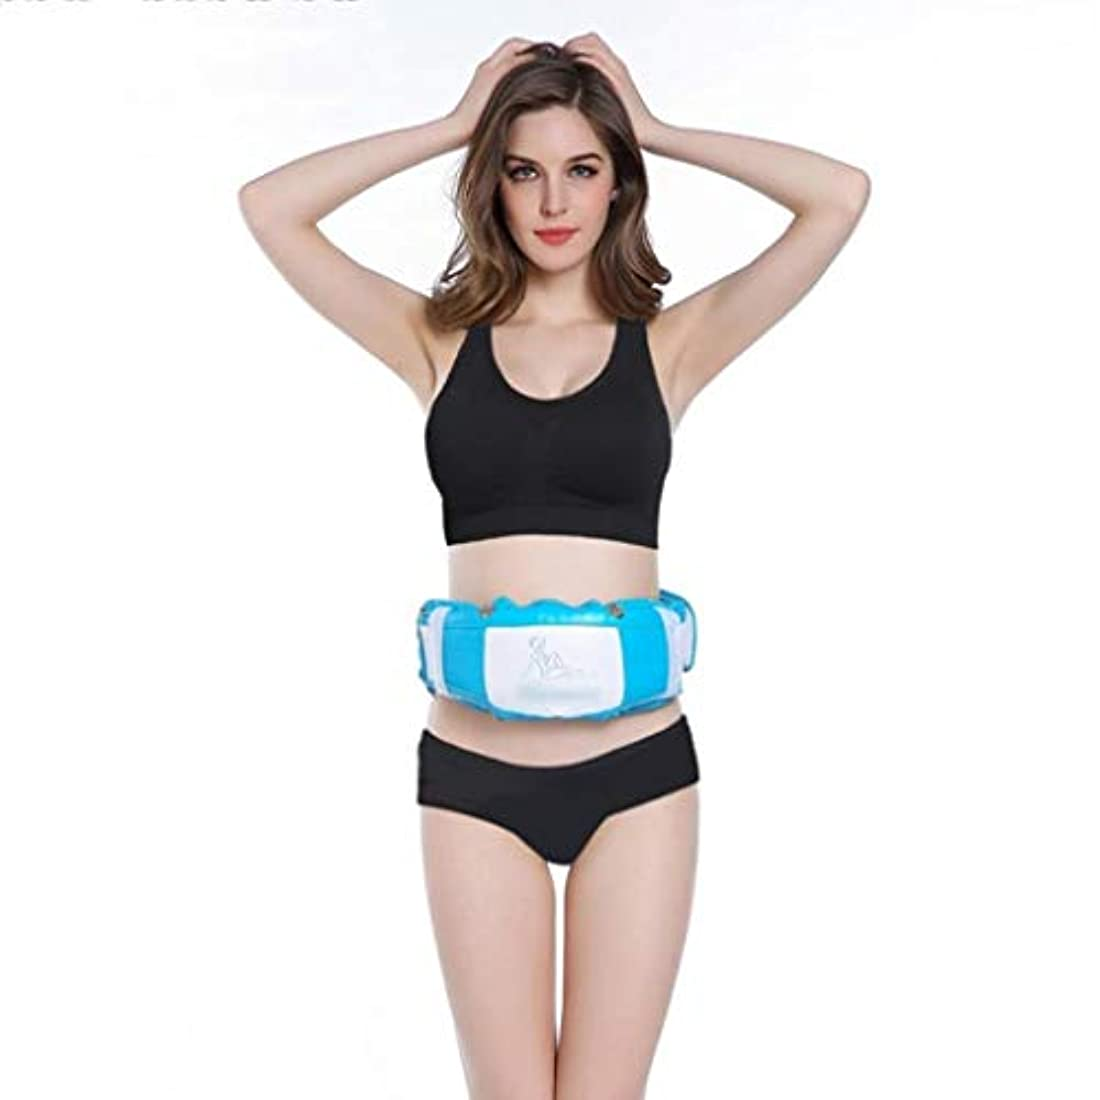 細菌虎取り付け体形Slim身ベルト、Slim身マシン、スポーツSlim身機器、細いウエストと細い腹、調整可能なフィットネスウエスト振動ベルト、男性と女性の減量機